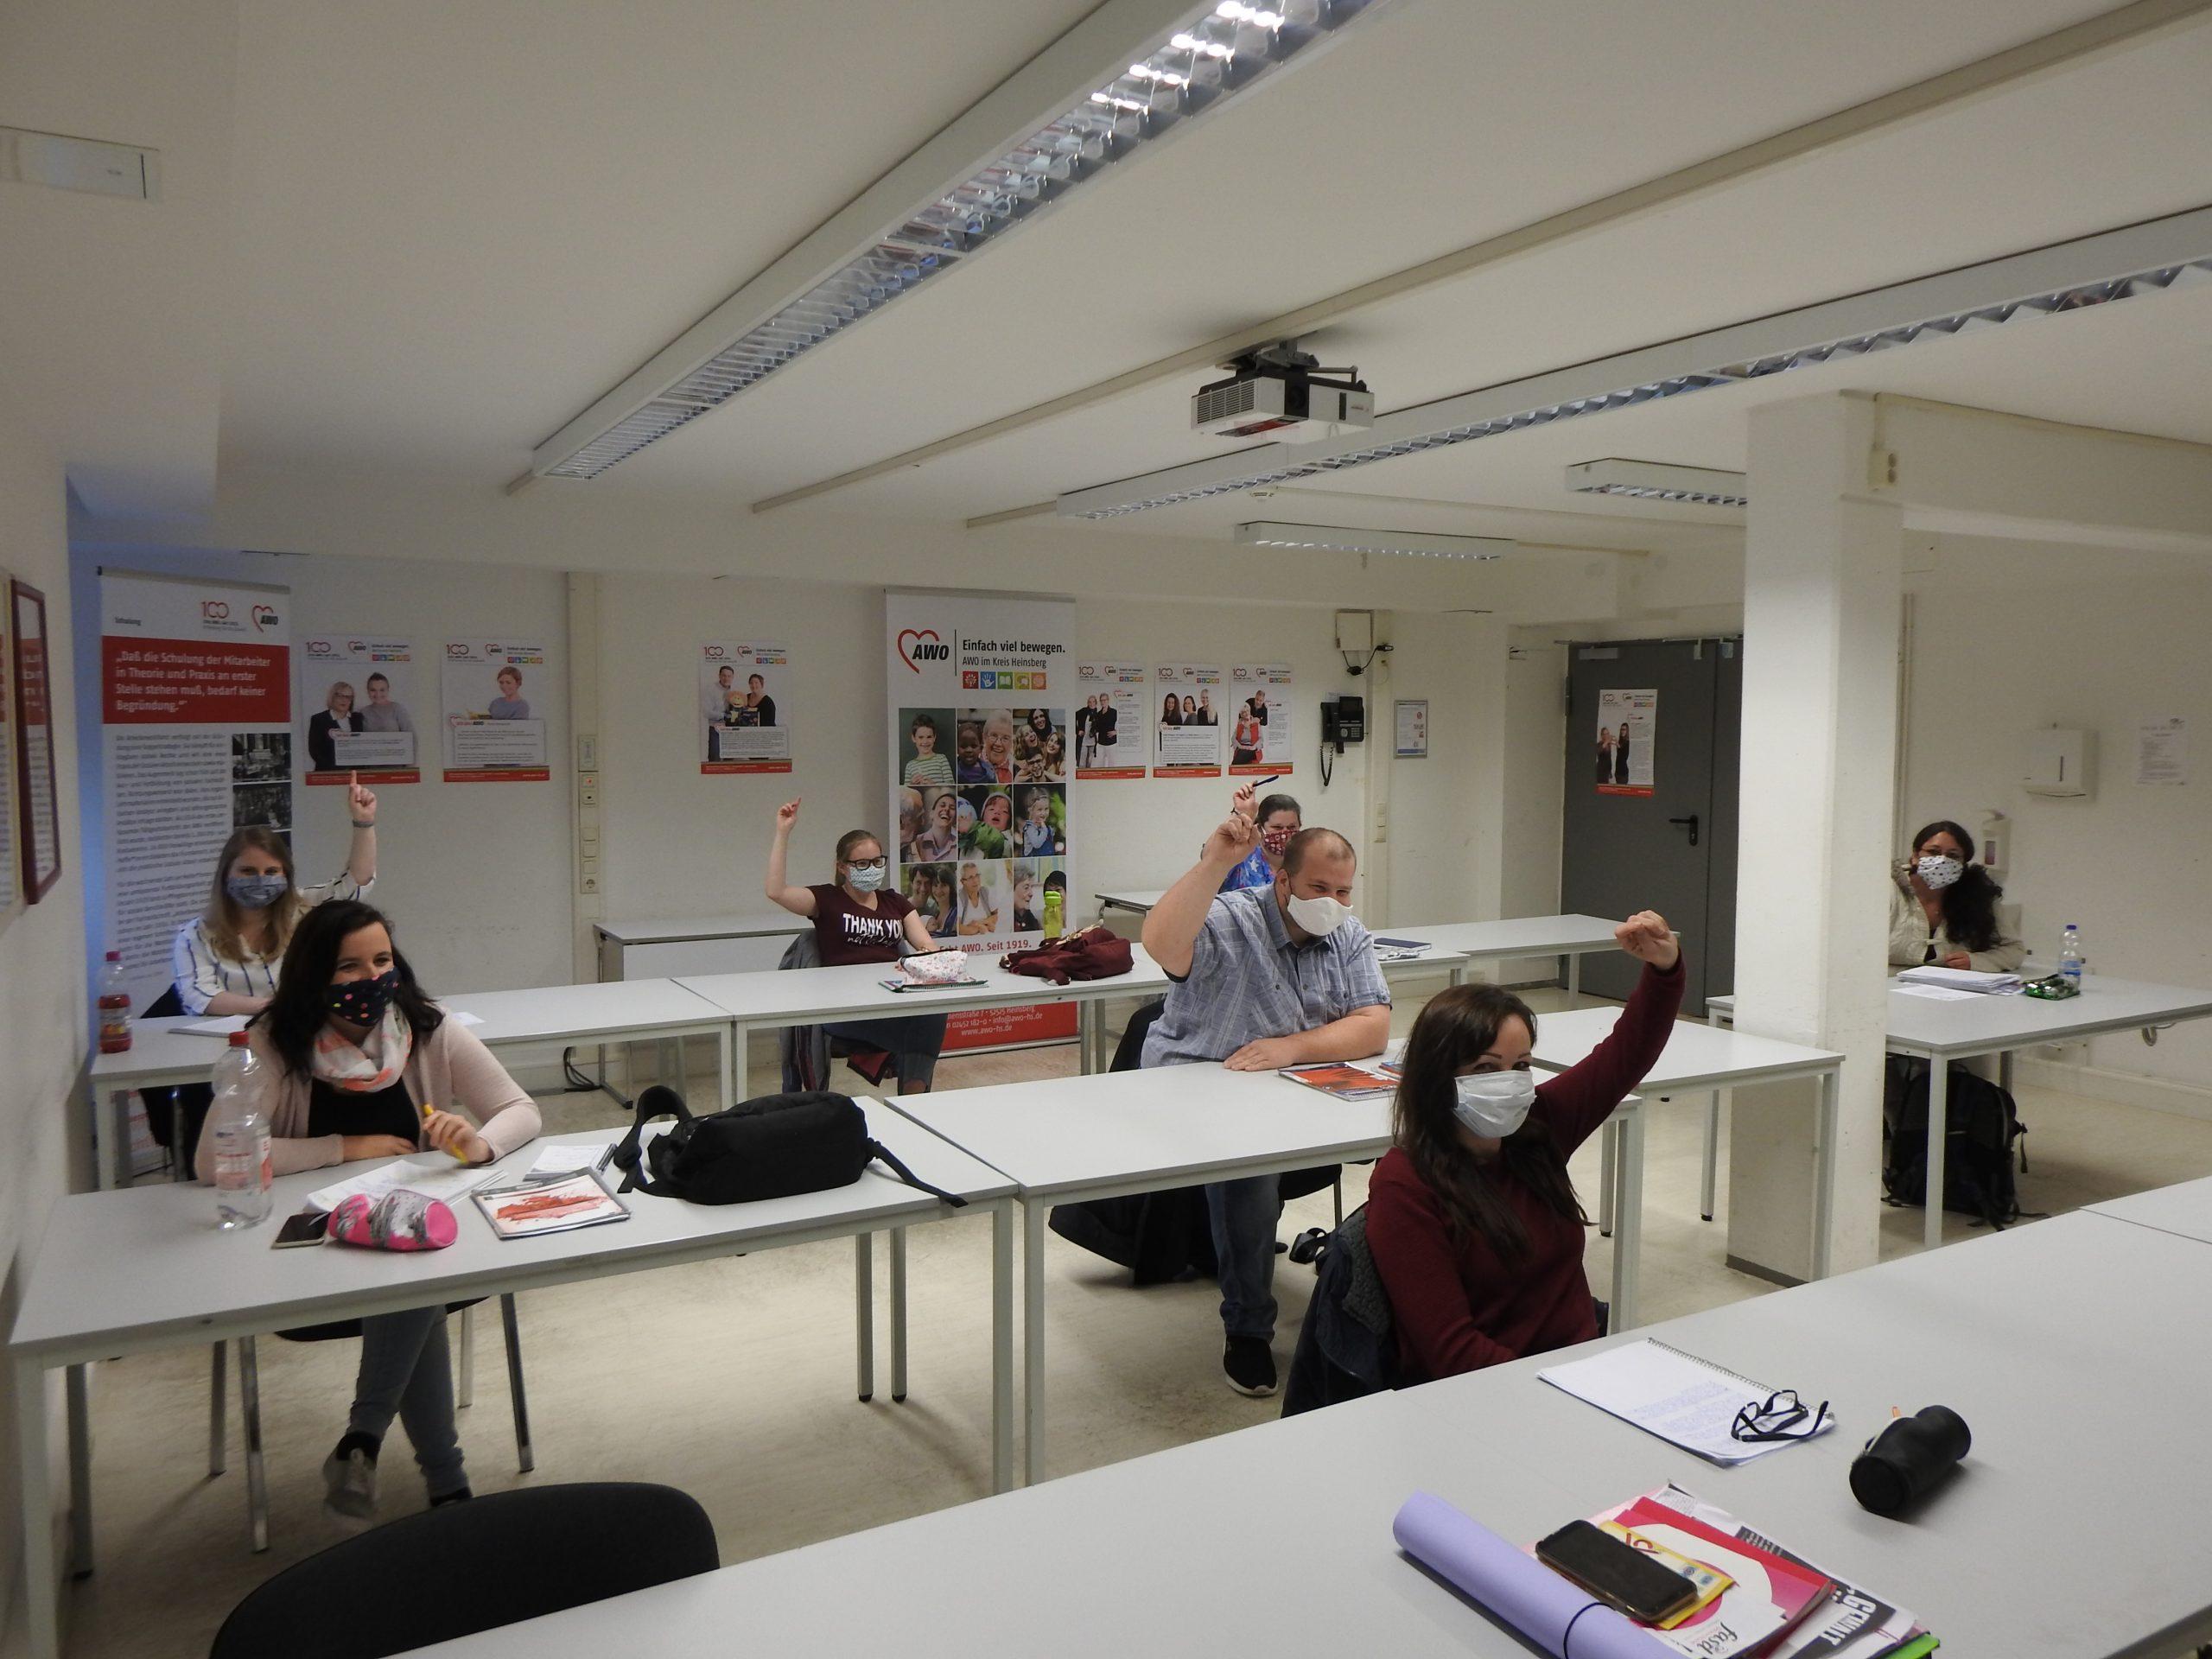 Der Präsenzunterricht im Kurs Familienpflege startet mit viel Abstand und kleineren Lerngruppen 1